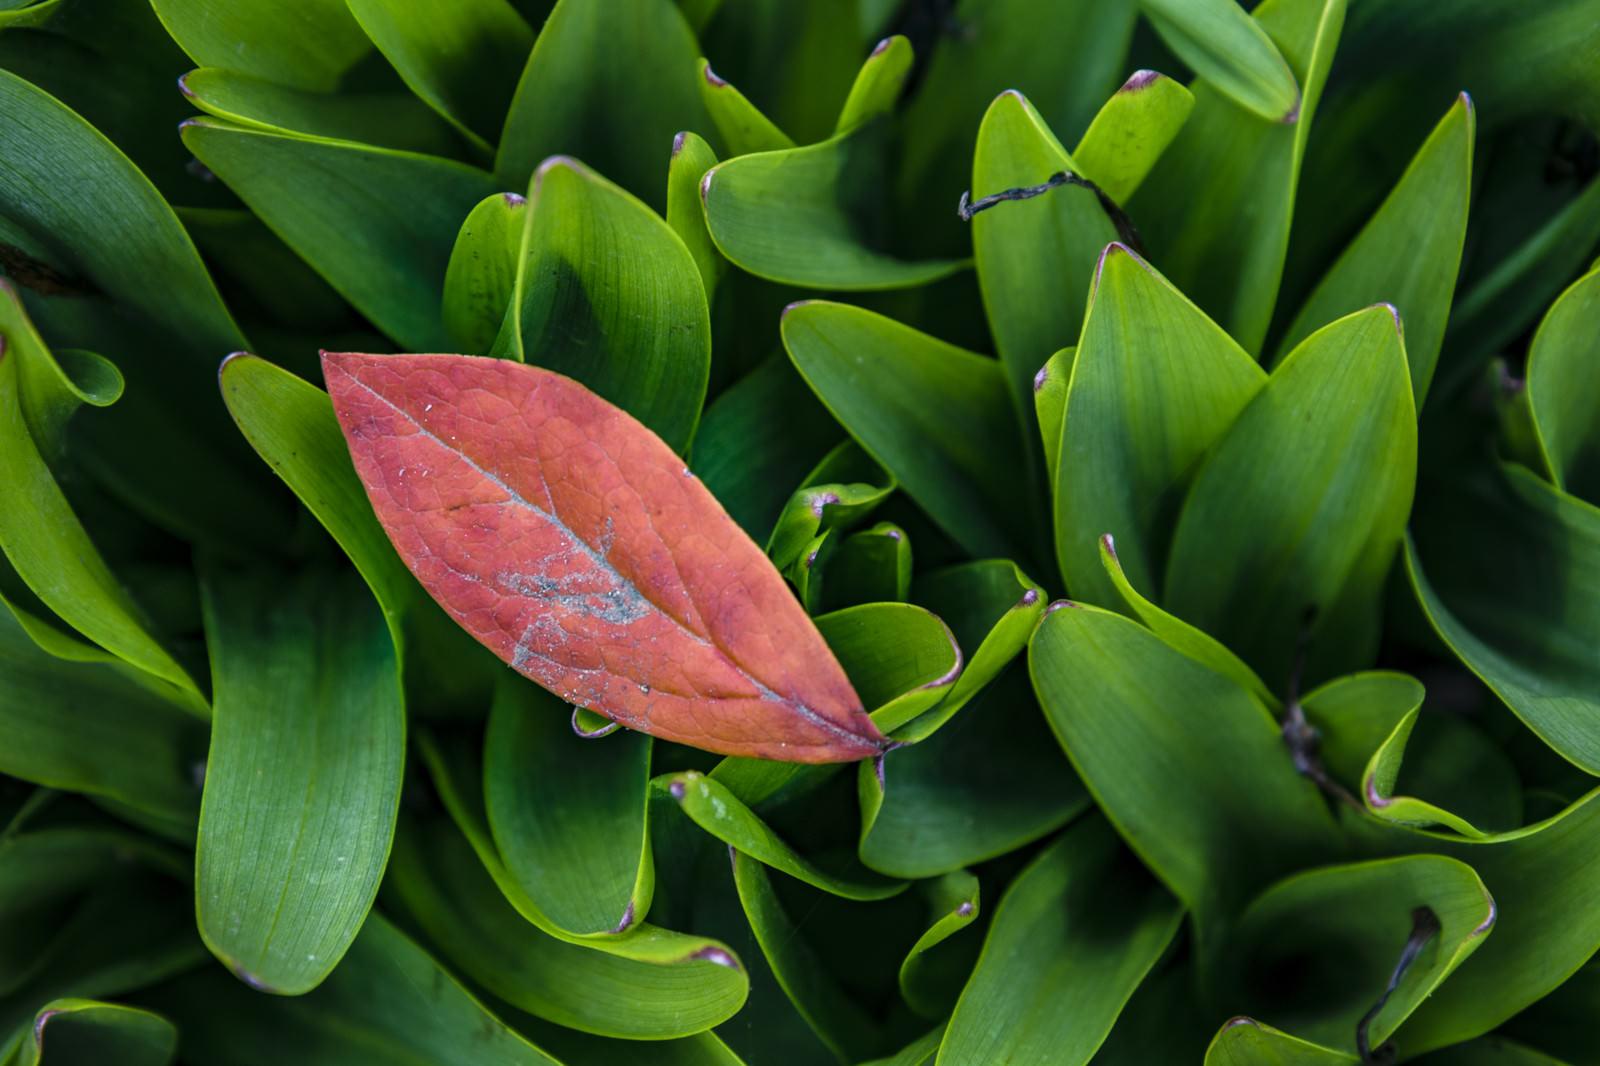 「鈴蘭の葉上に落ちた枯葉」の写真